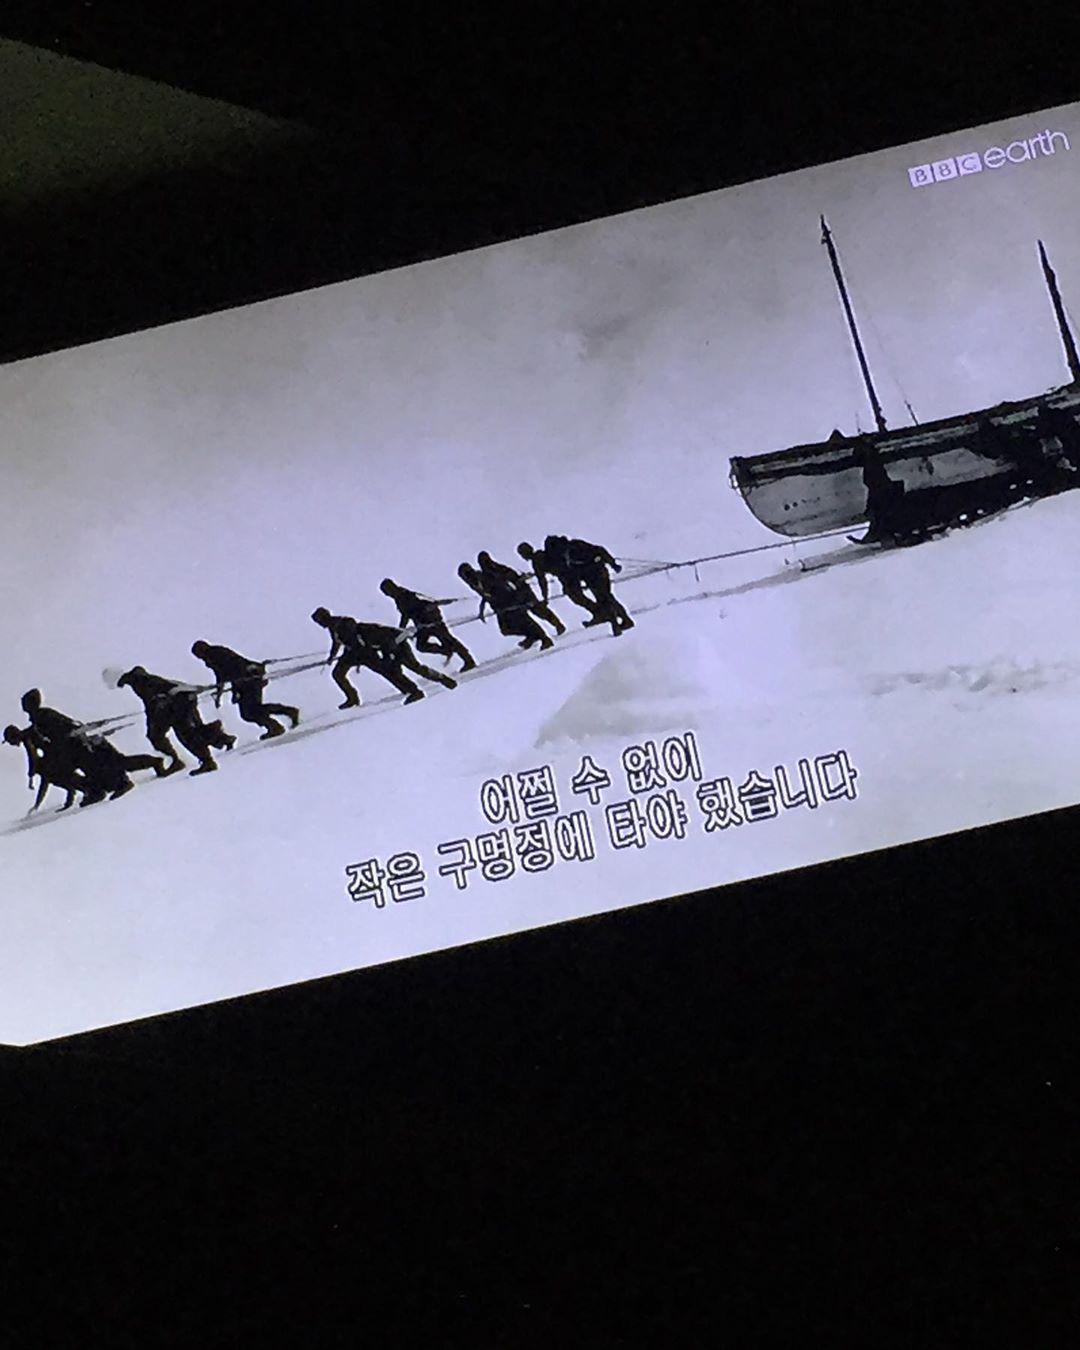 S#1. 티벳에서7년. 전쟁으로 47만명 120만여명이  죽어 나가던 시절 새틀턴의 인듀런스호 남극탐험은 시작하자마자 끝이 났다.